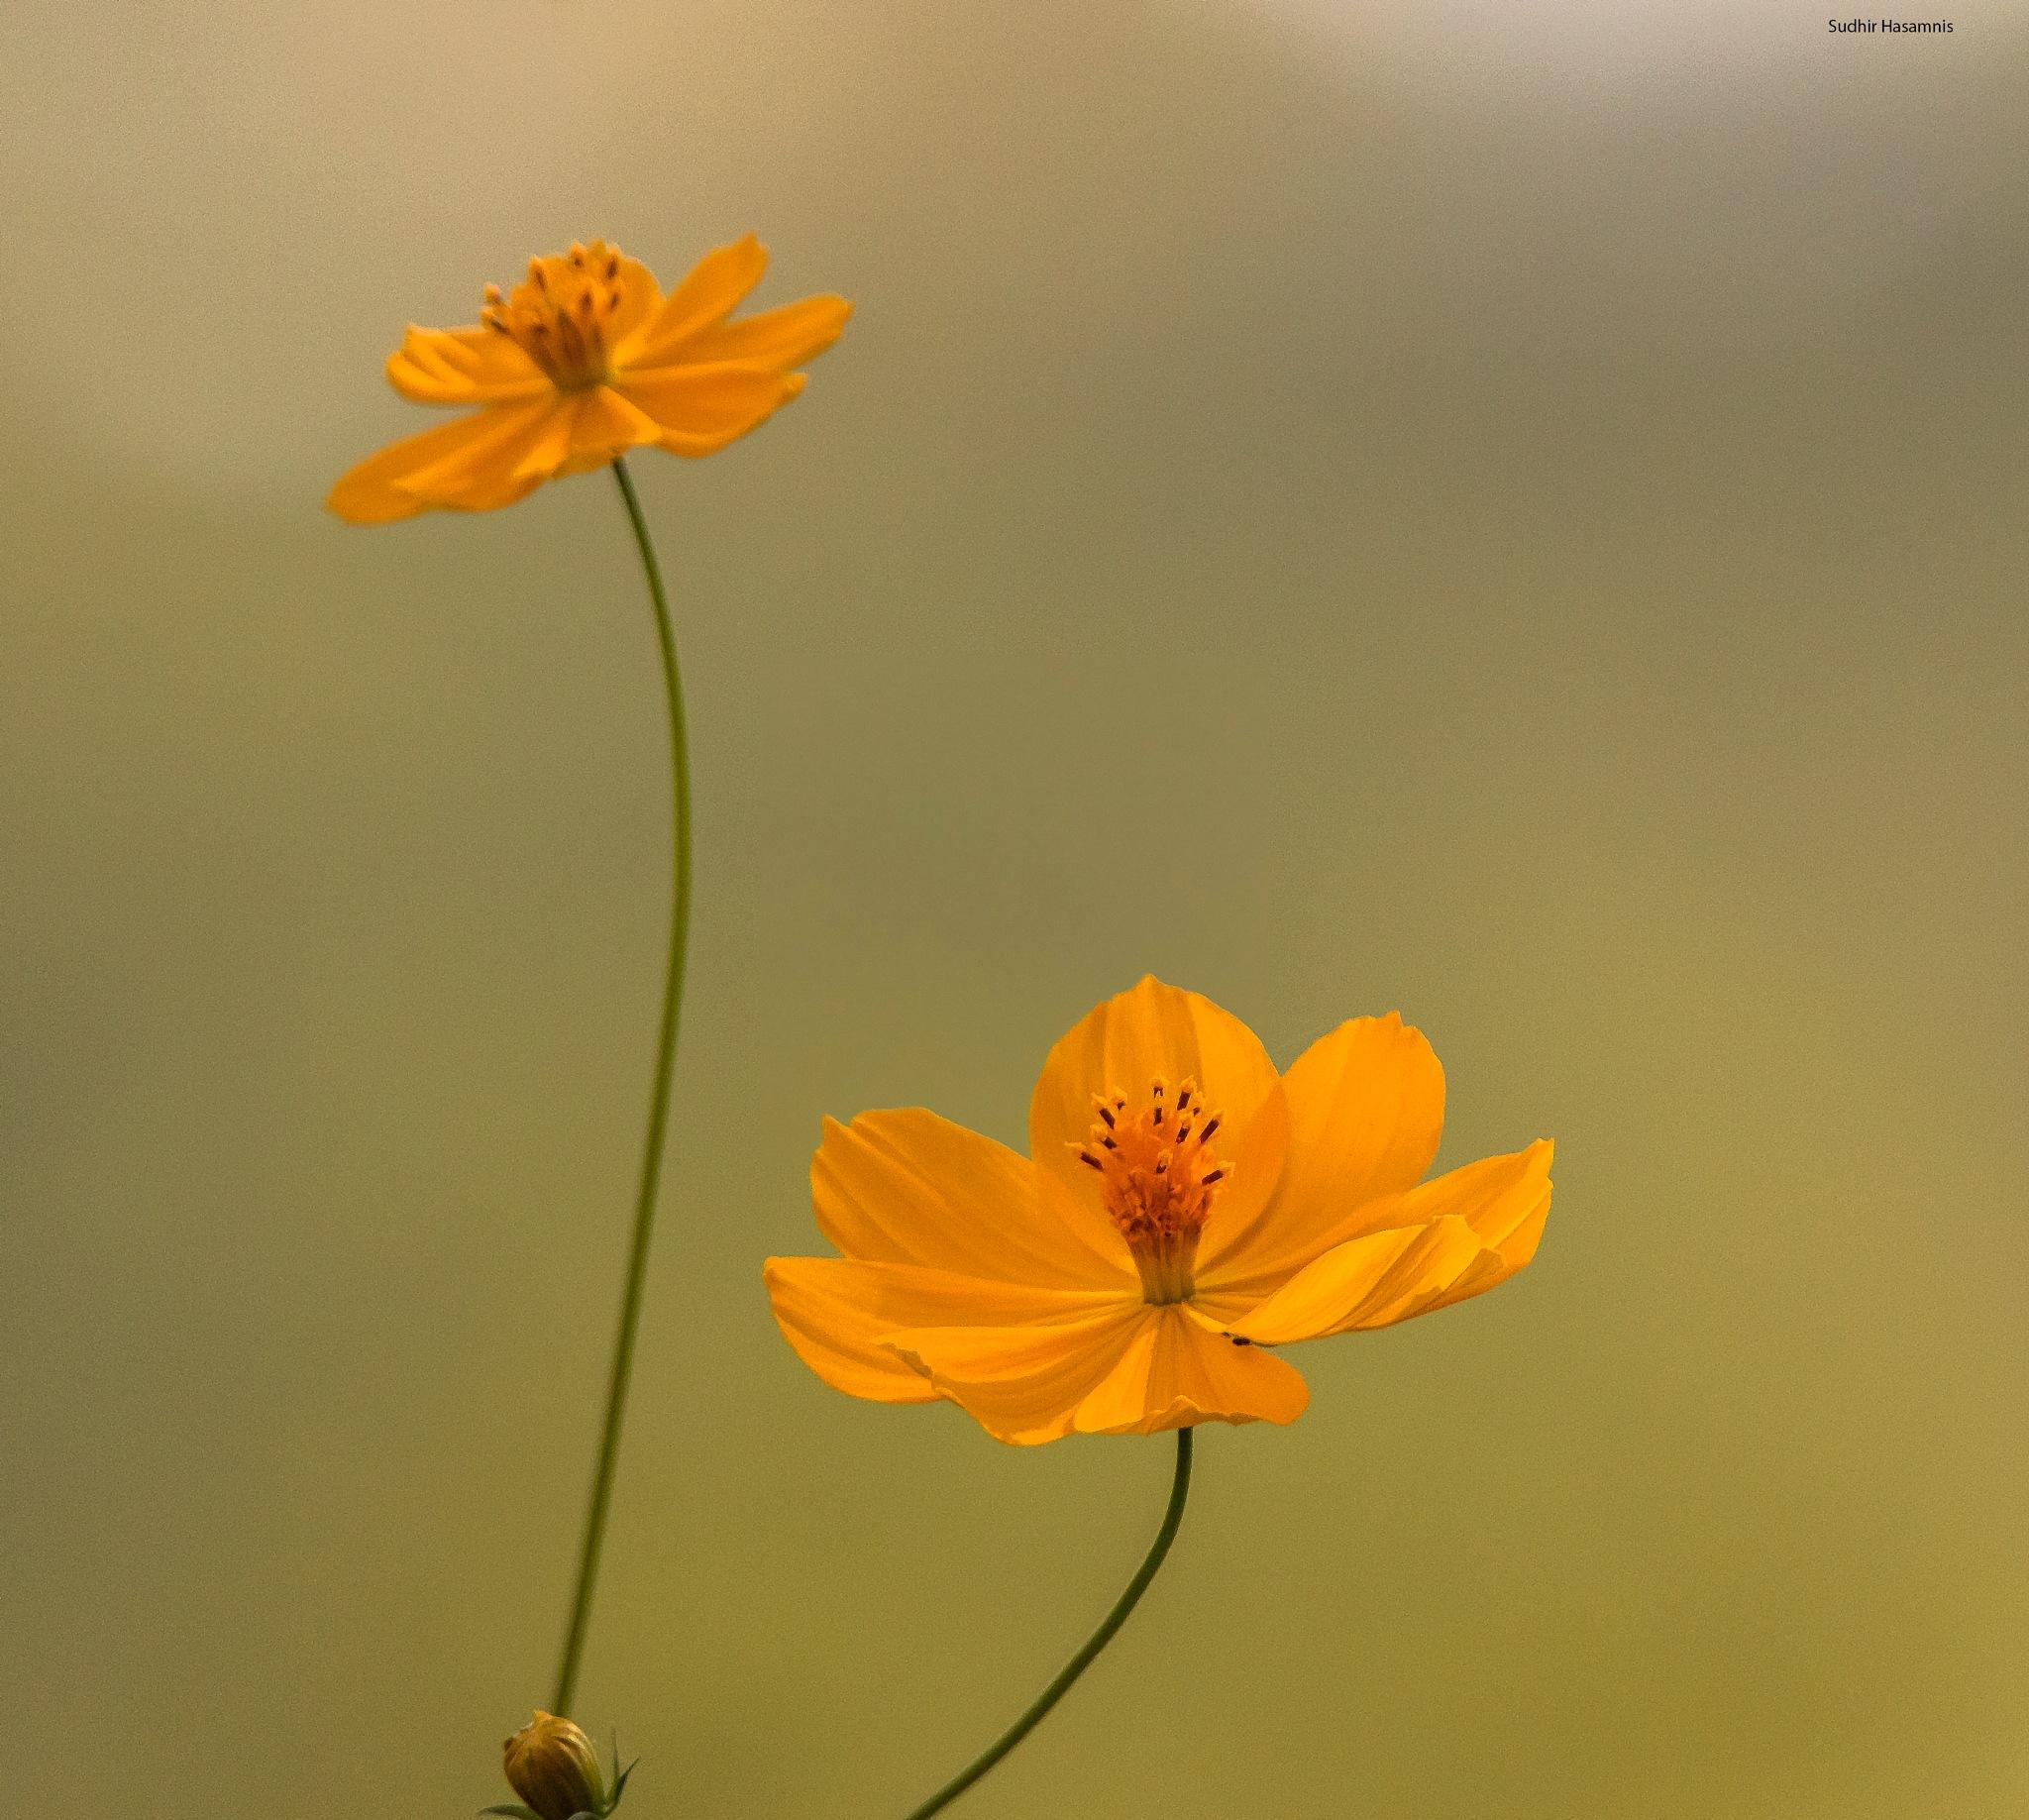 Cosmos flowers by DrSudhir Hasamnis